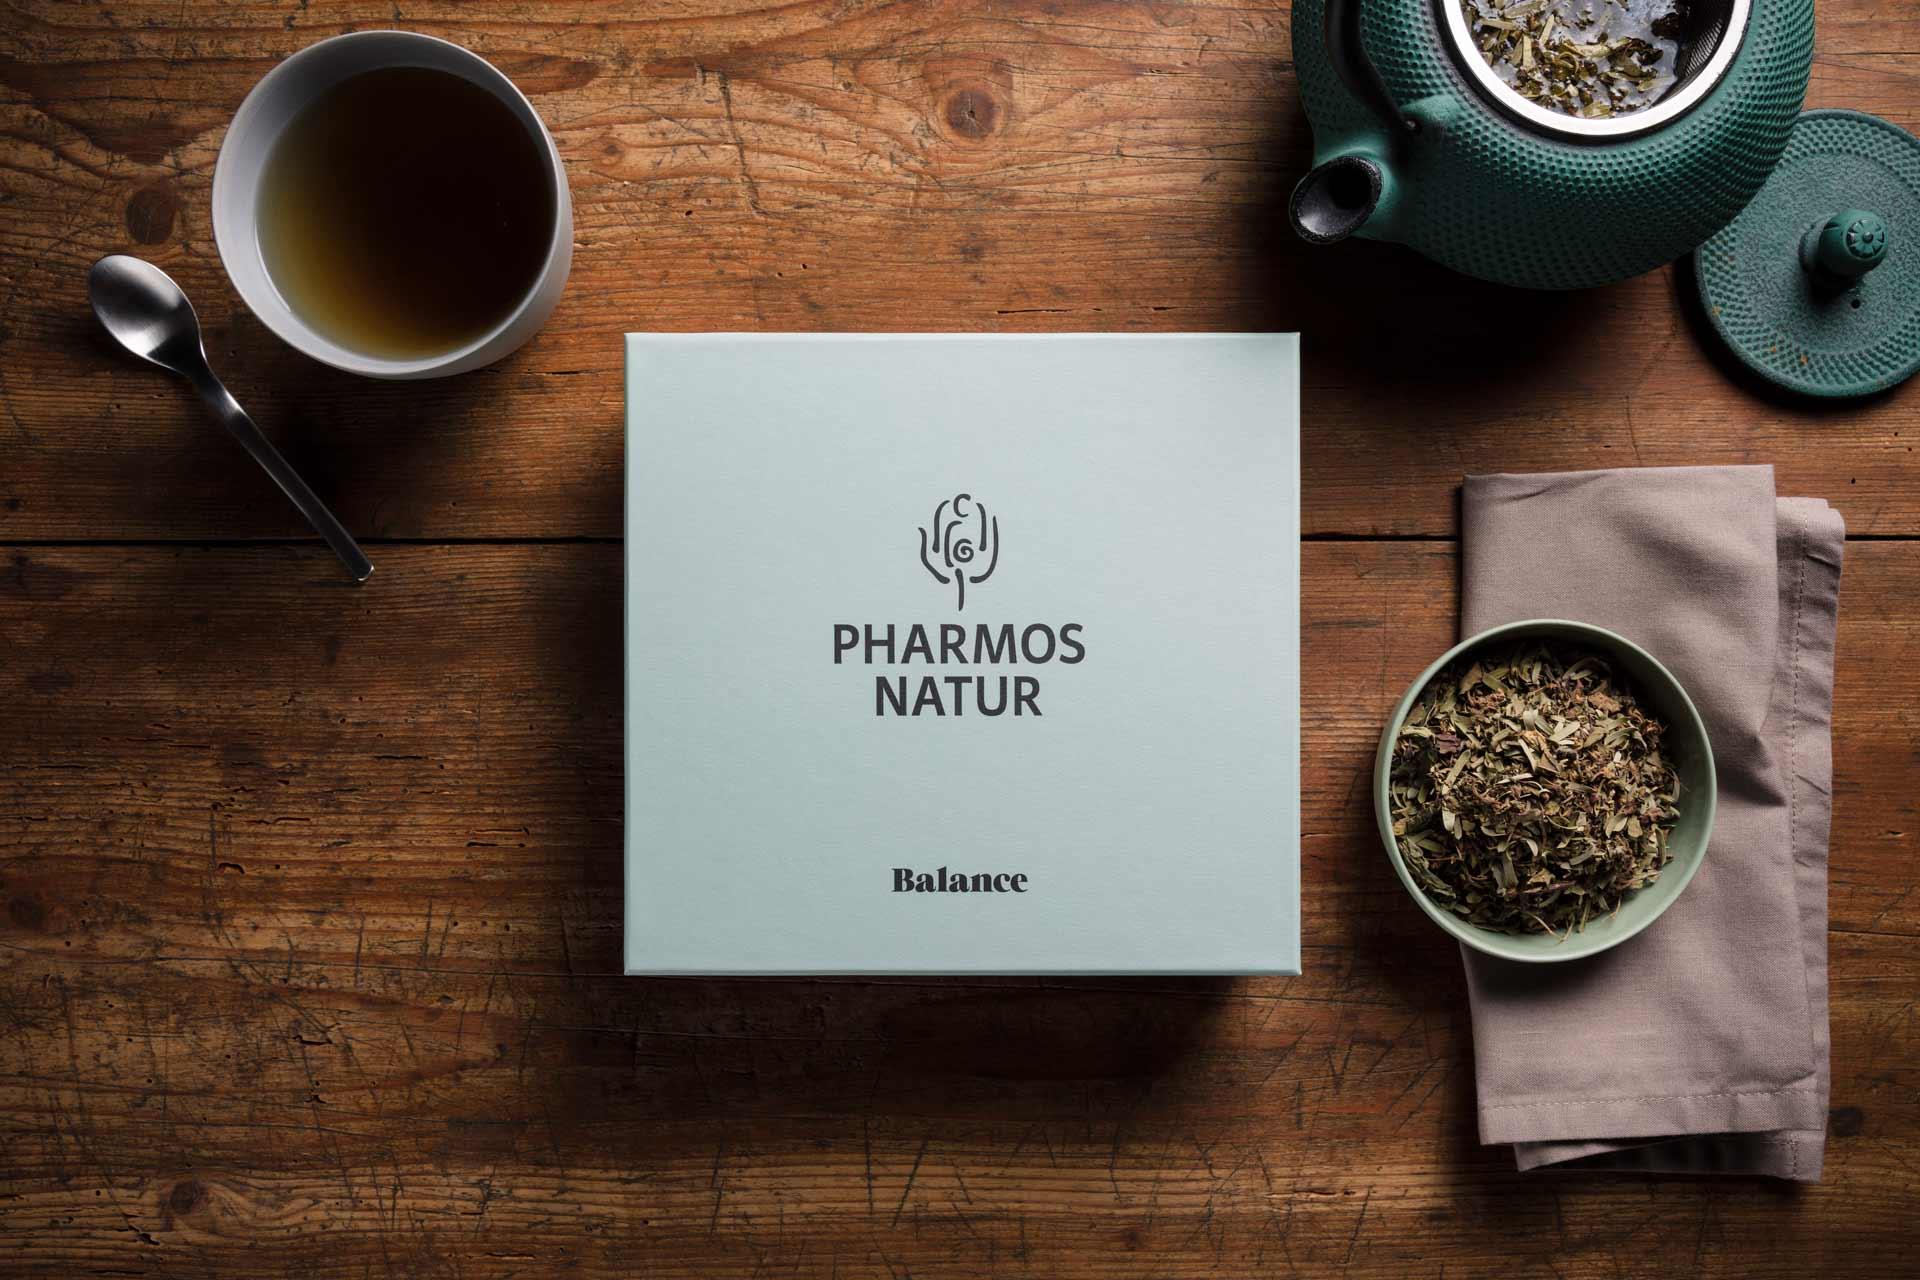 Packagingdesign und Fotokonzept für Pharmos Natur, Weihnachtsset, Verpackung, Weihnachten, Naturkosmetik, Design, Grafikdesign, Bernhard Hafele